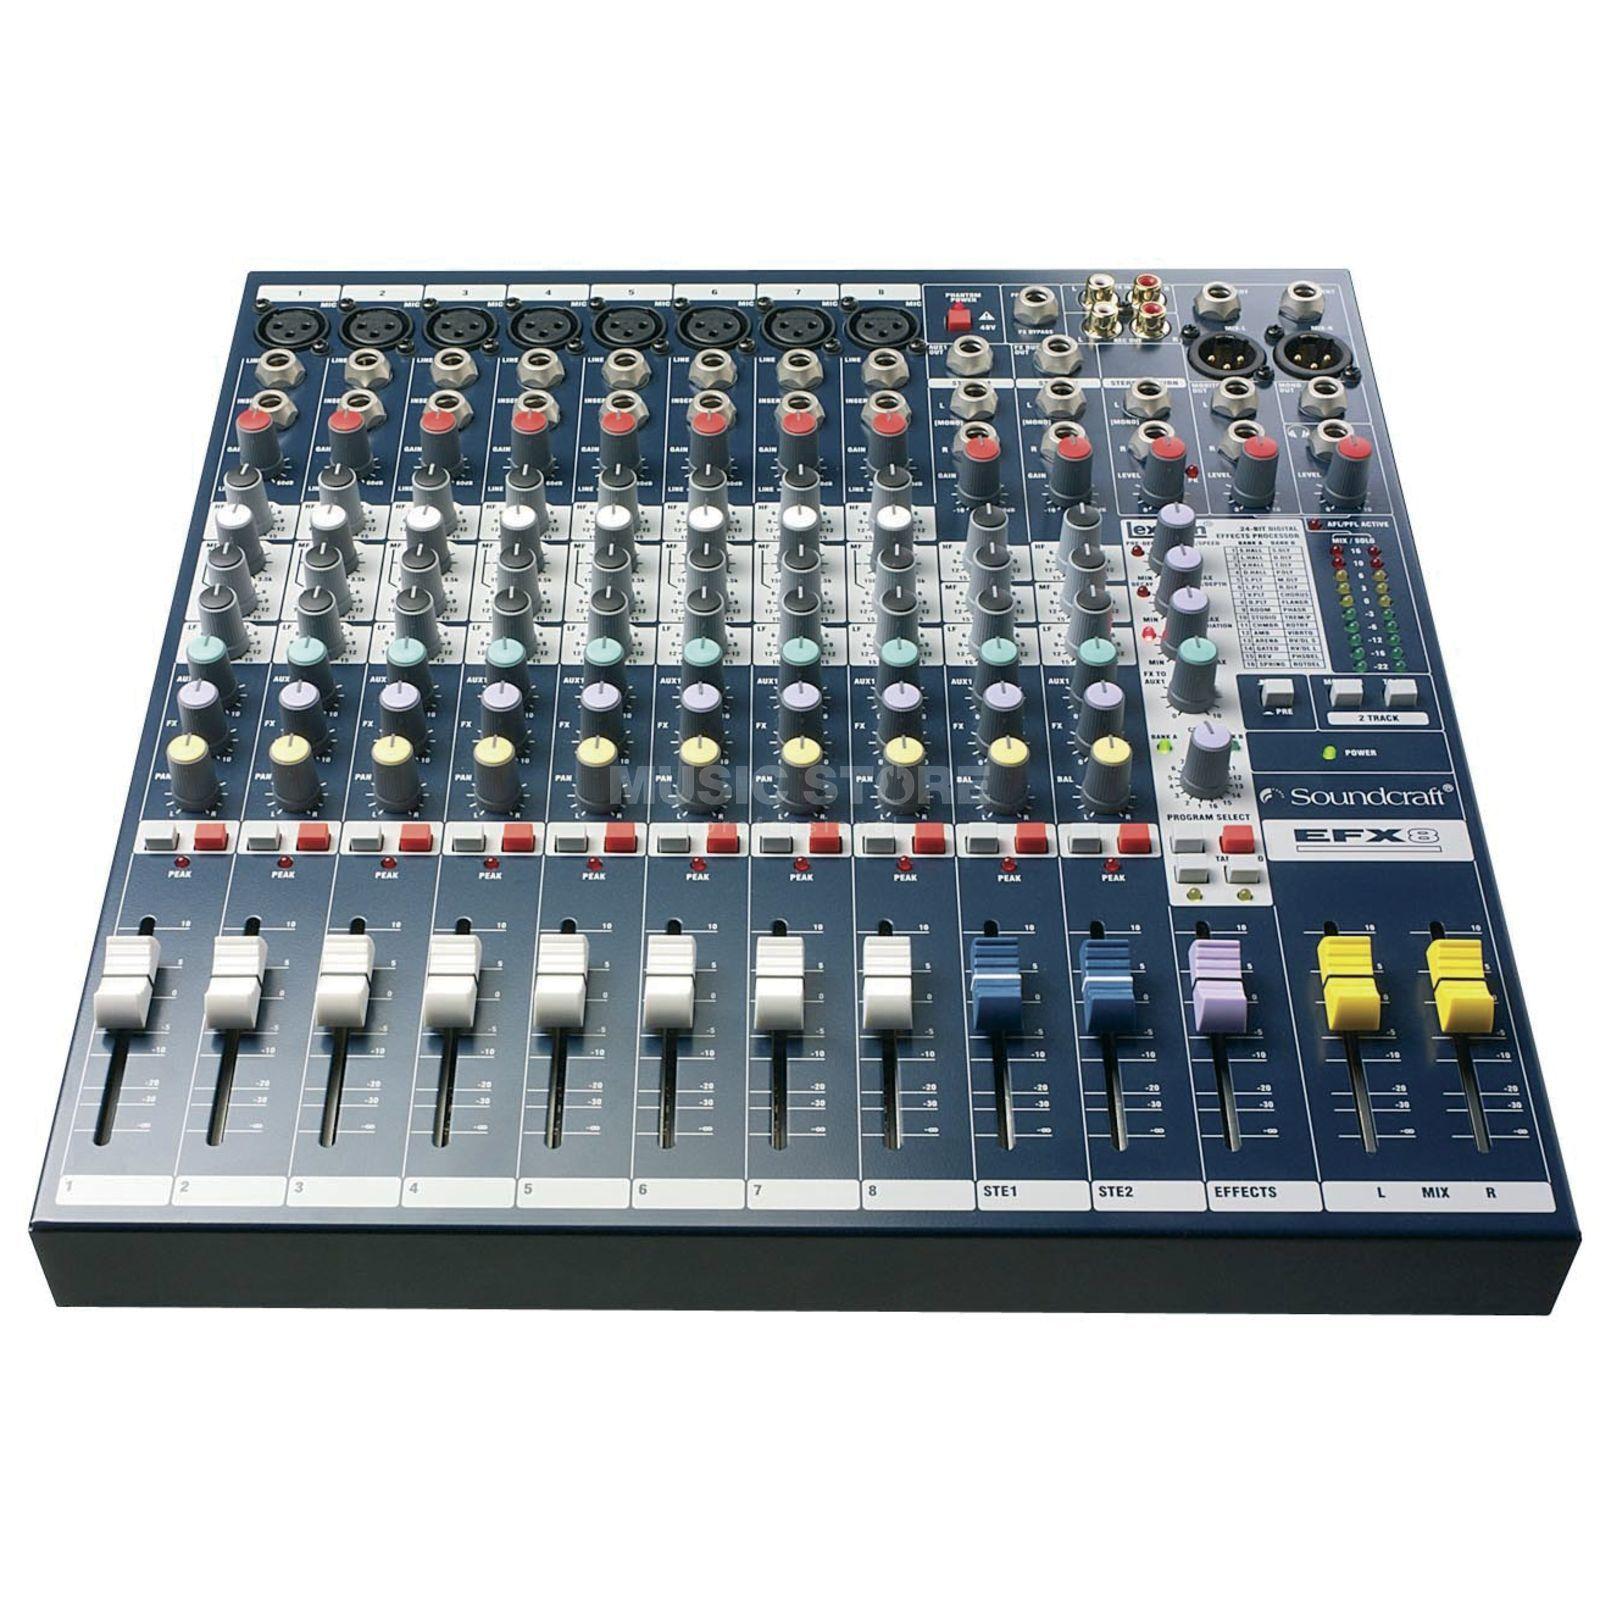 Soundcraft efx 8 mesa de mezcla compacta 8 mono 2 canales est reo fx - Mesa de mezclas 2 canales ...